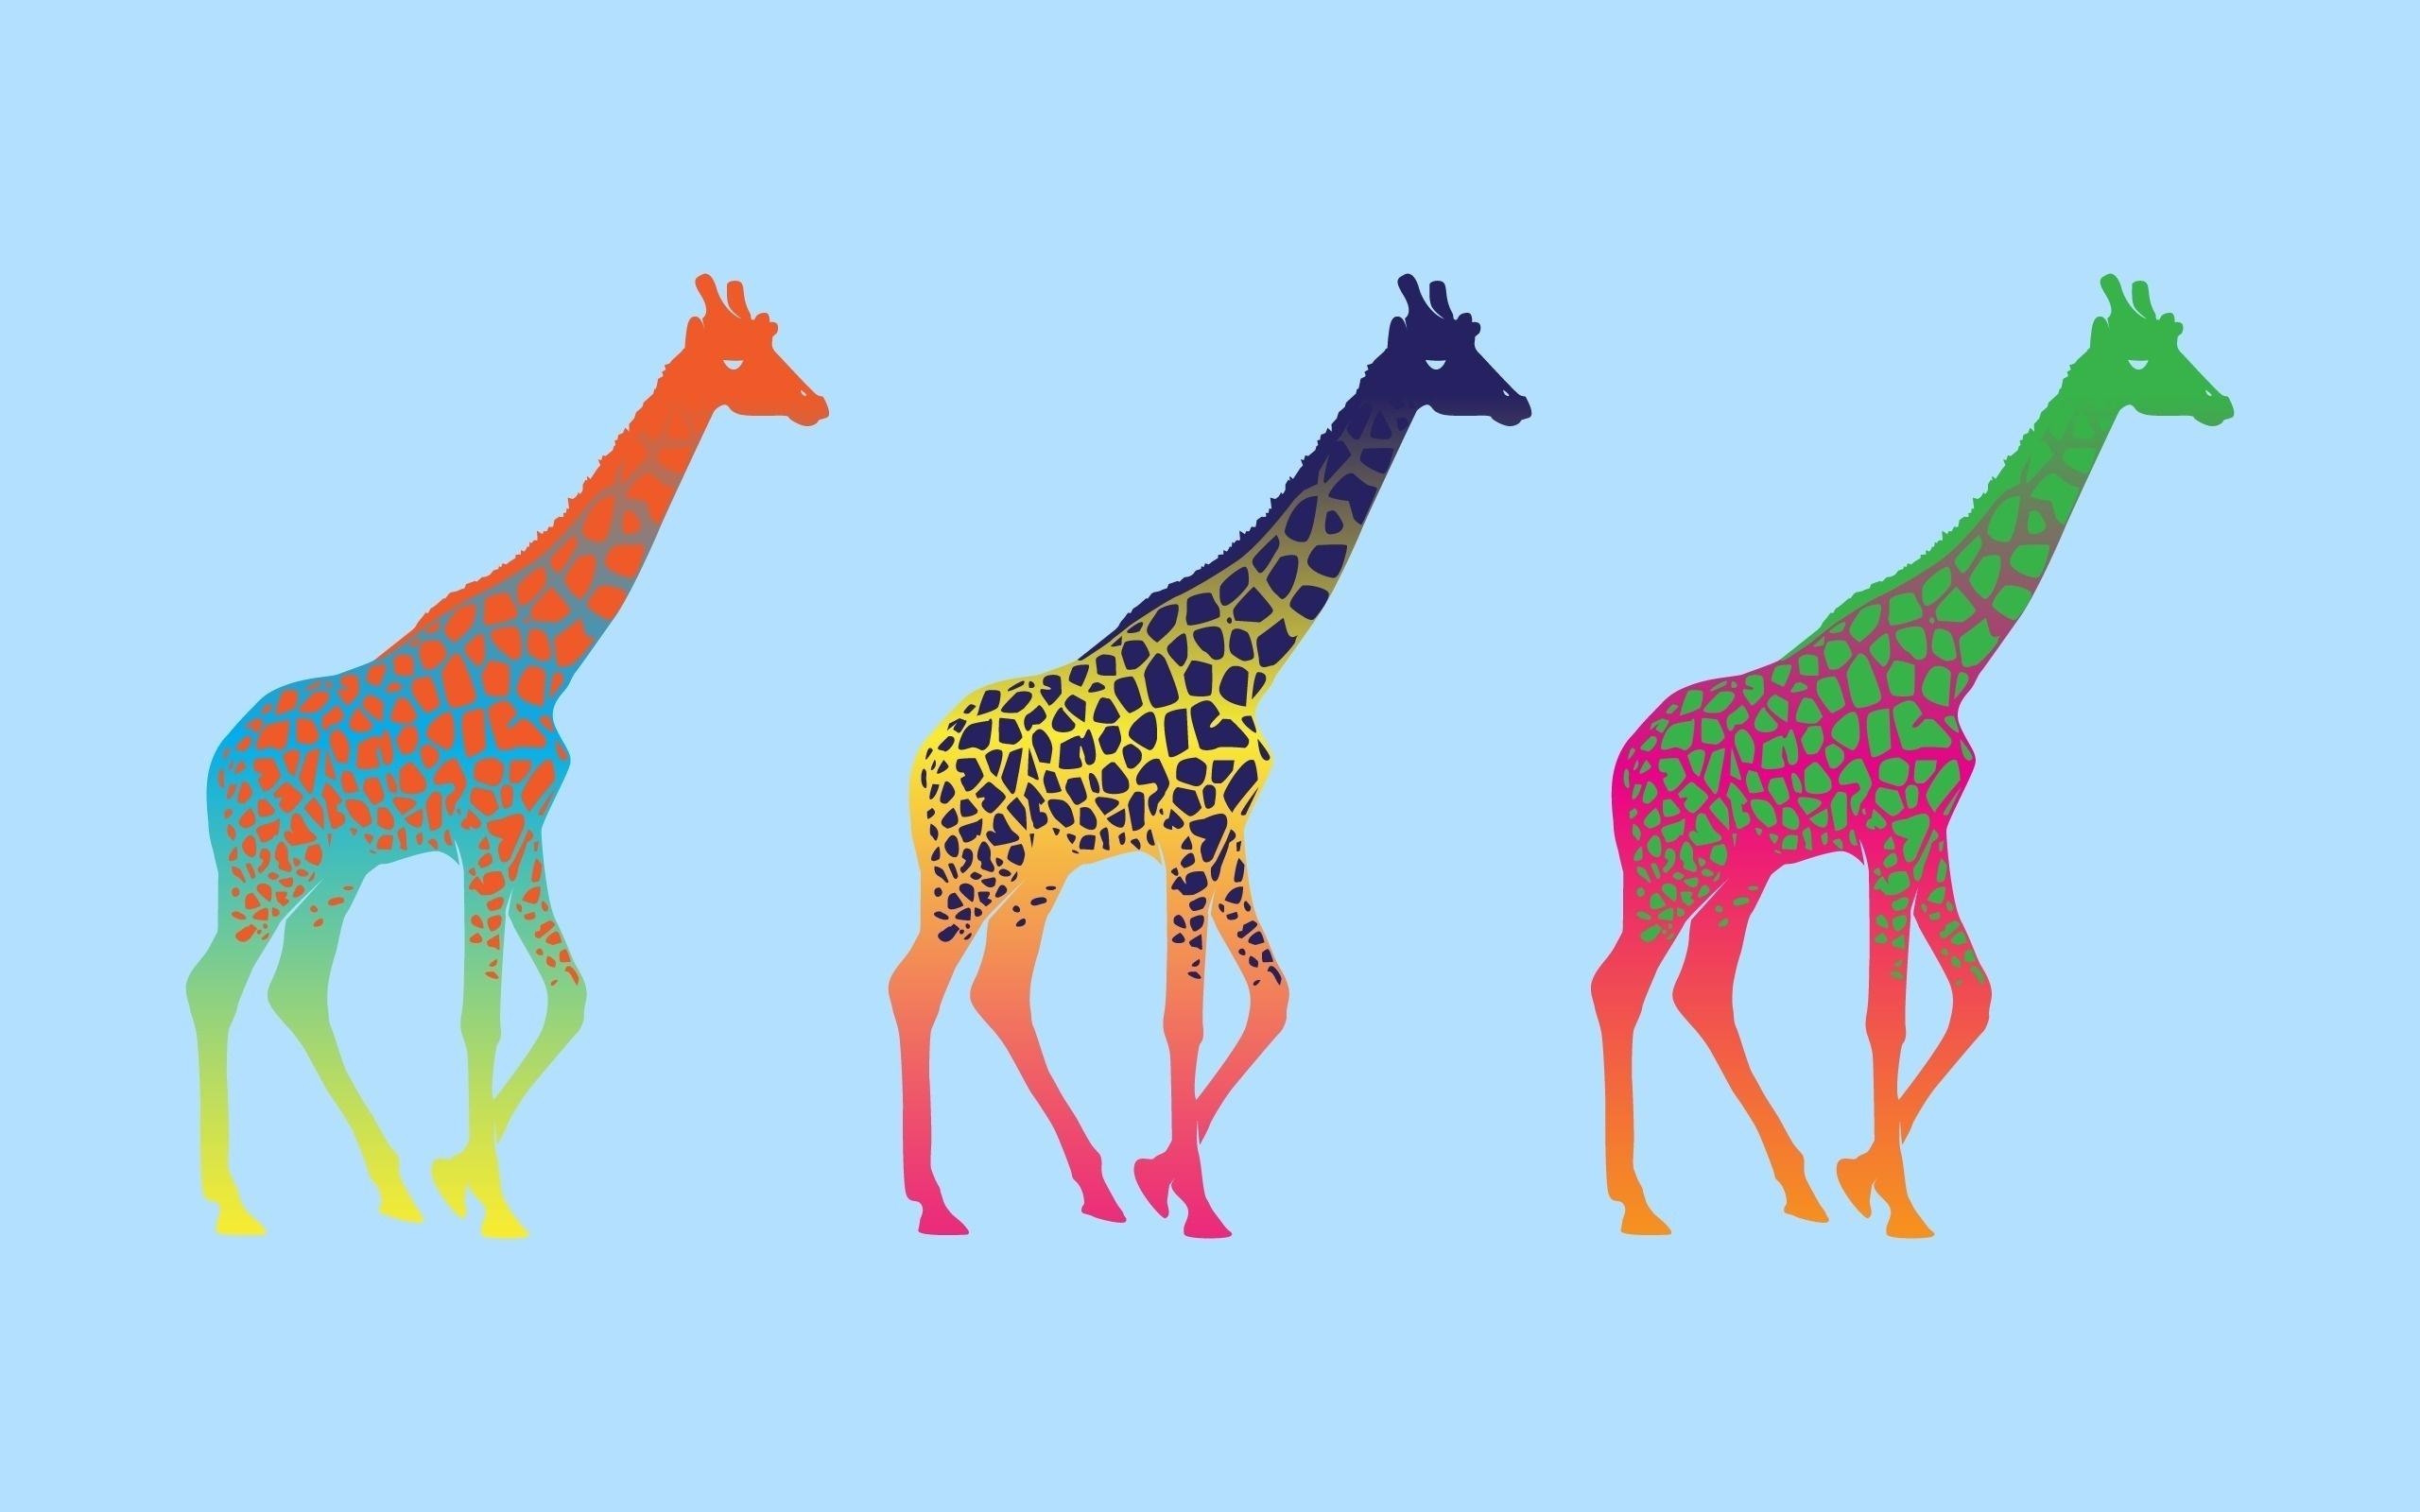 Картинка: Жирафы, трое, пятна, животные, цвет, фон, стиль, поп-арт